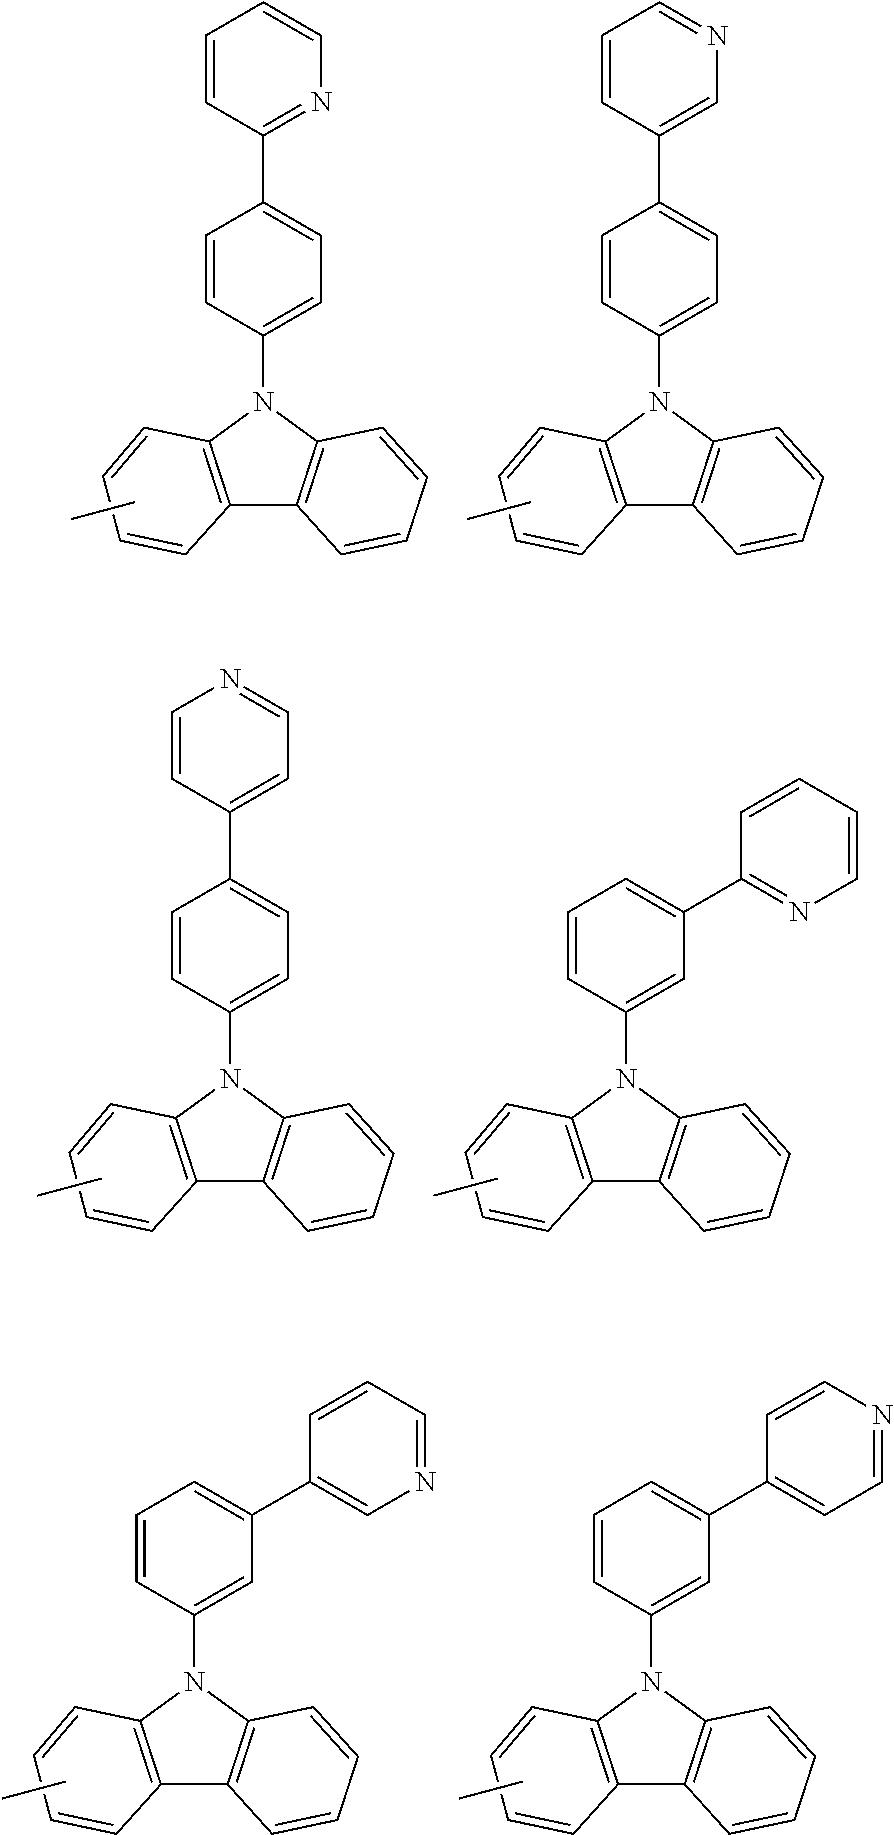 Figure US20150280139A1-20151001-C00028